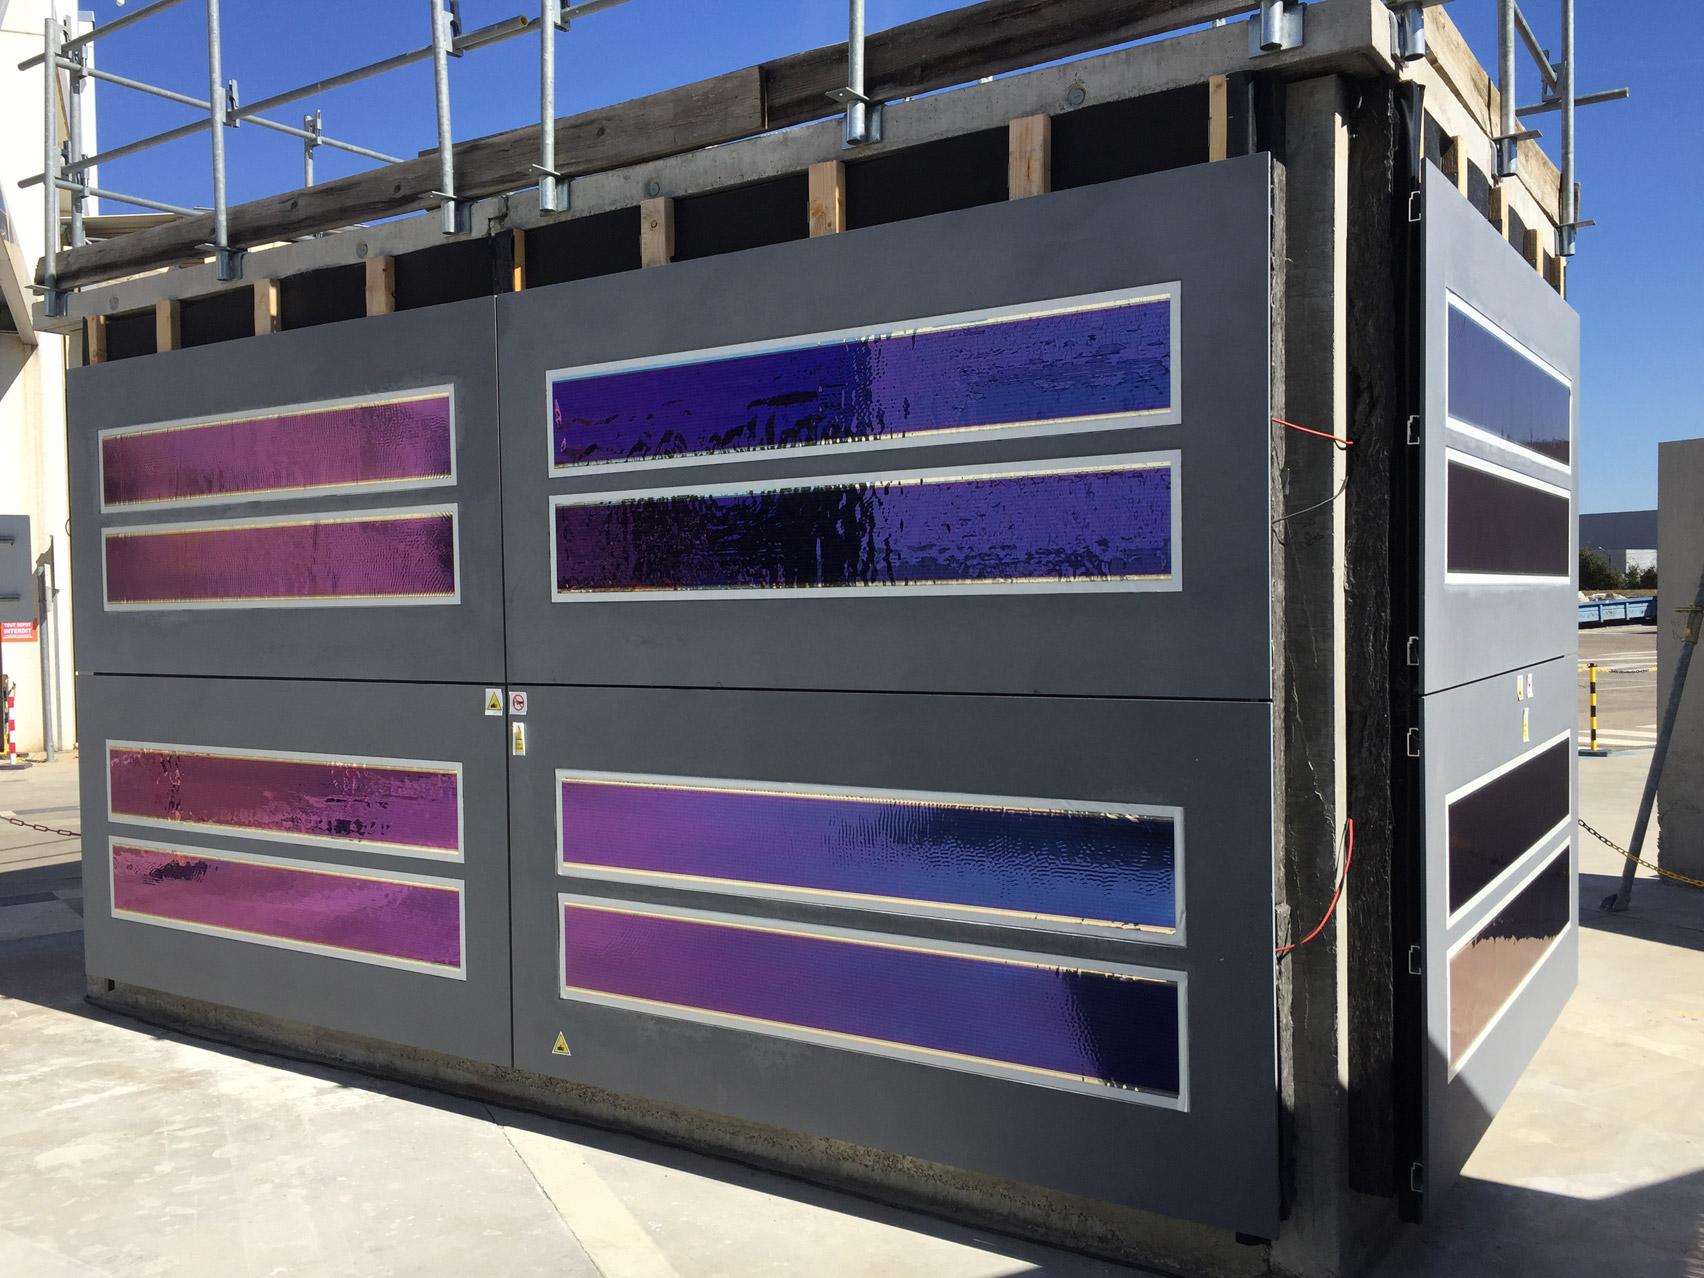 Photovoltaic facade